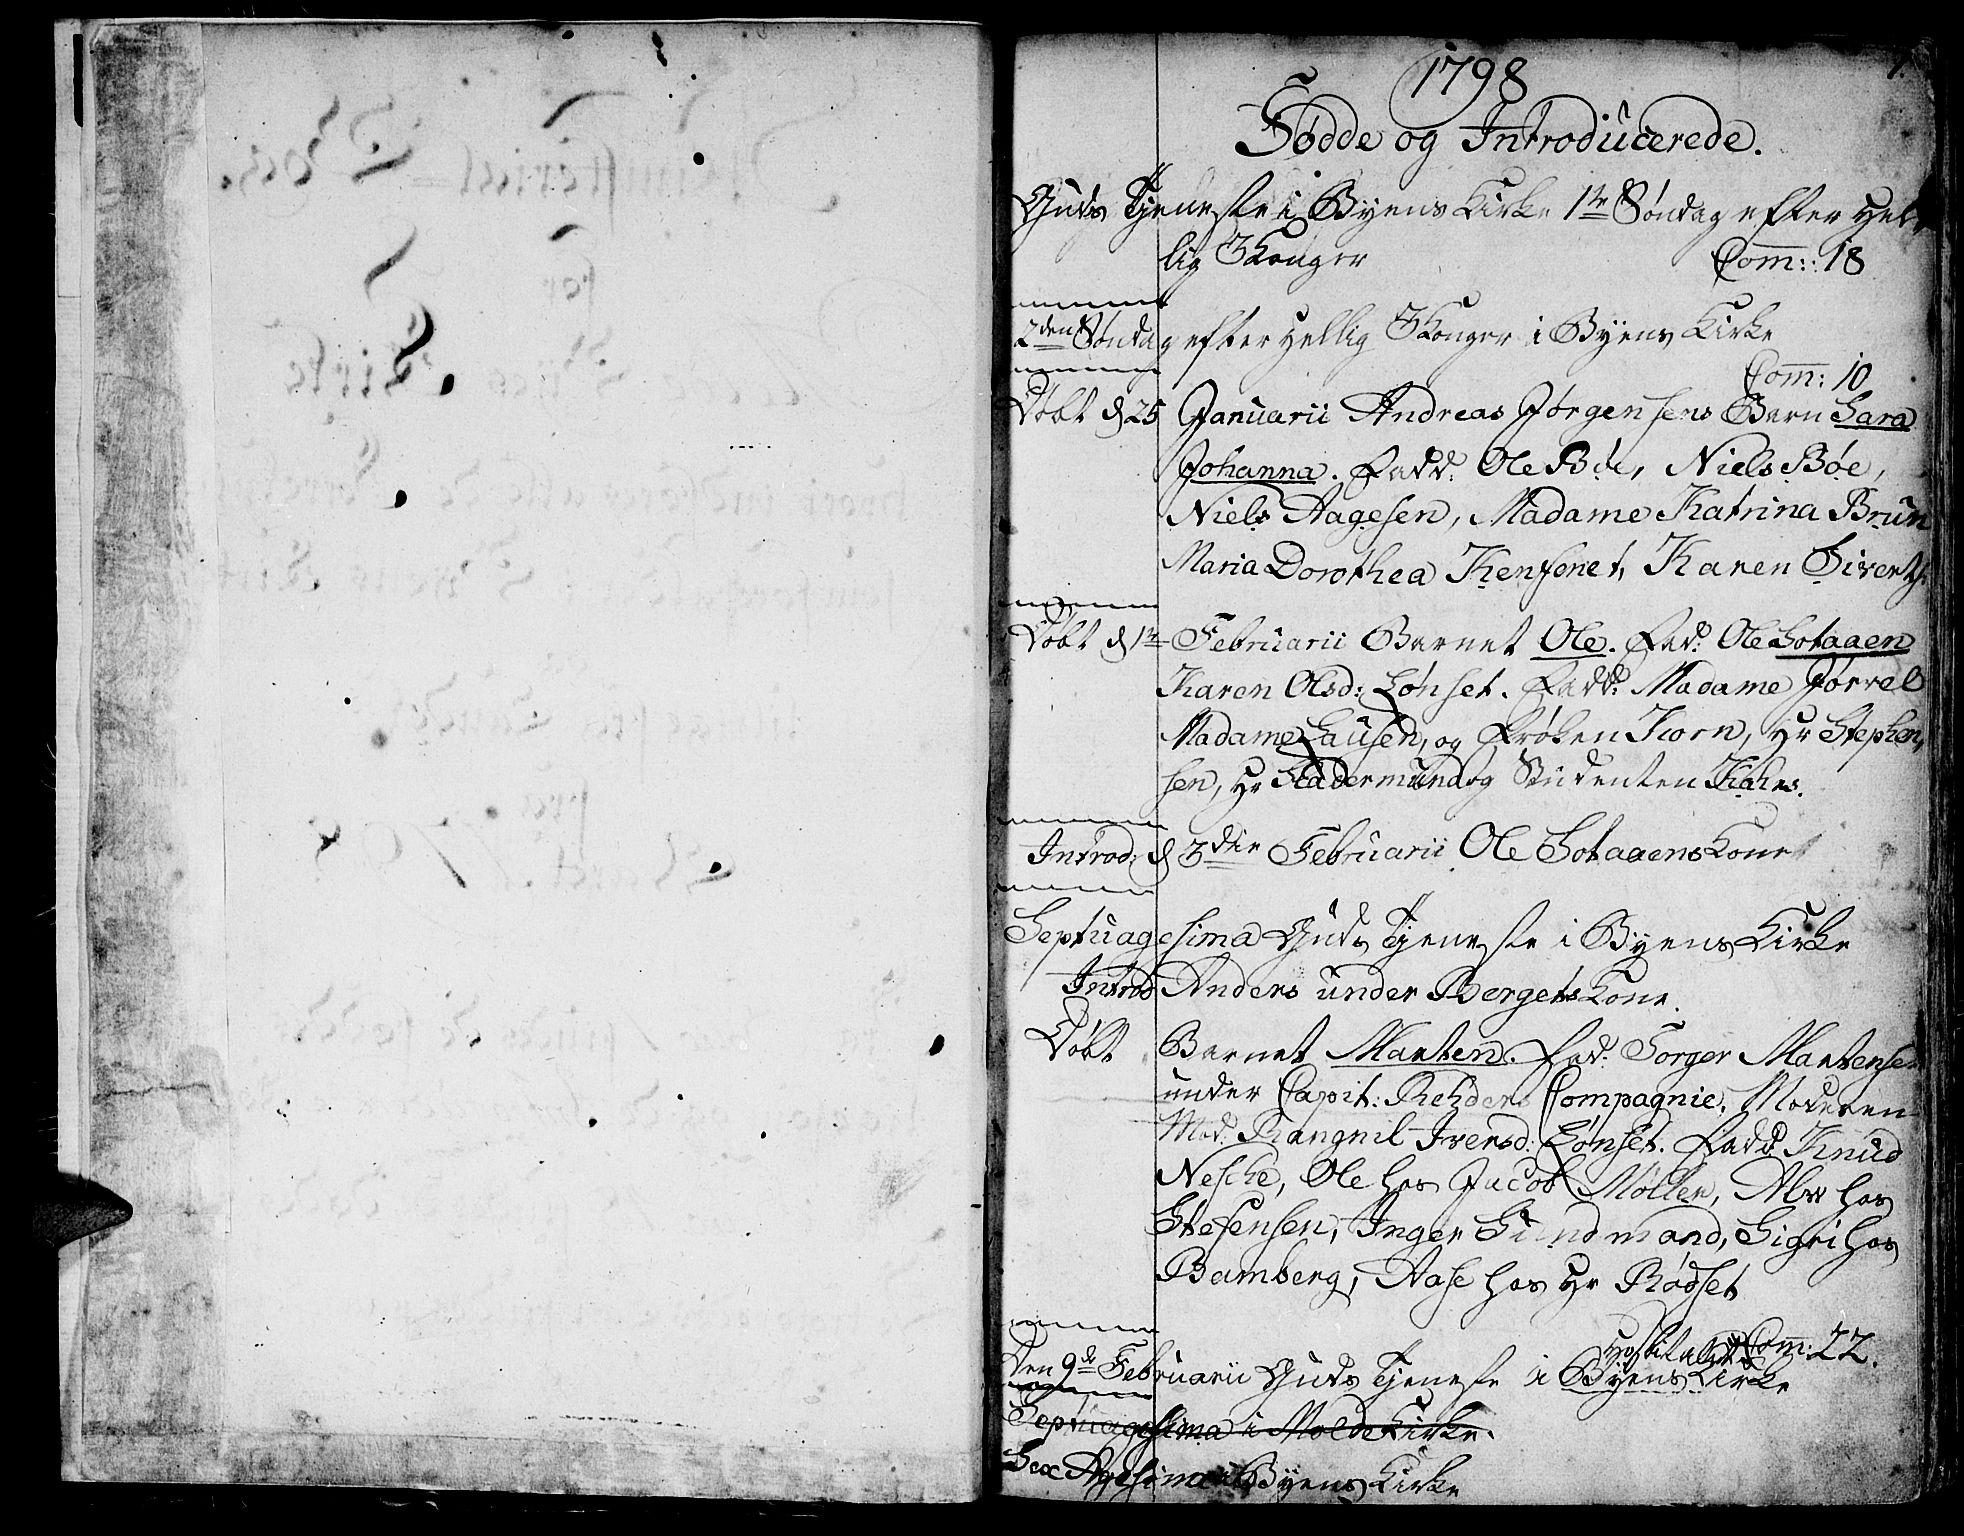 SAT, Ministerialprotokoller, klokkerbøker og fødselsregistre - Møre og Romsdal, 558/L0687: Ministerialbok nr. 558A01, 1798-1818, s. 1